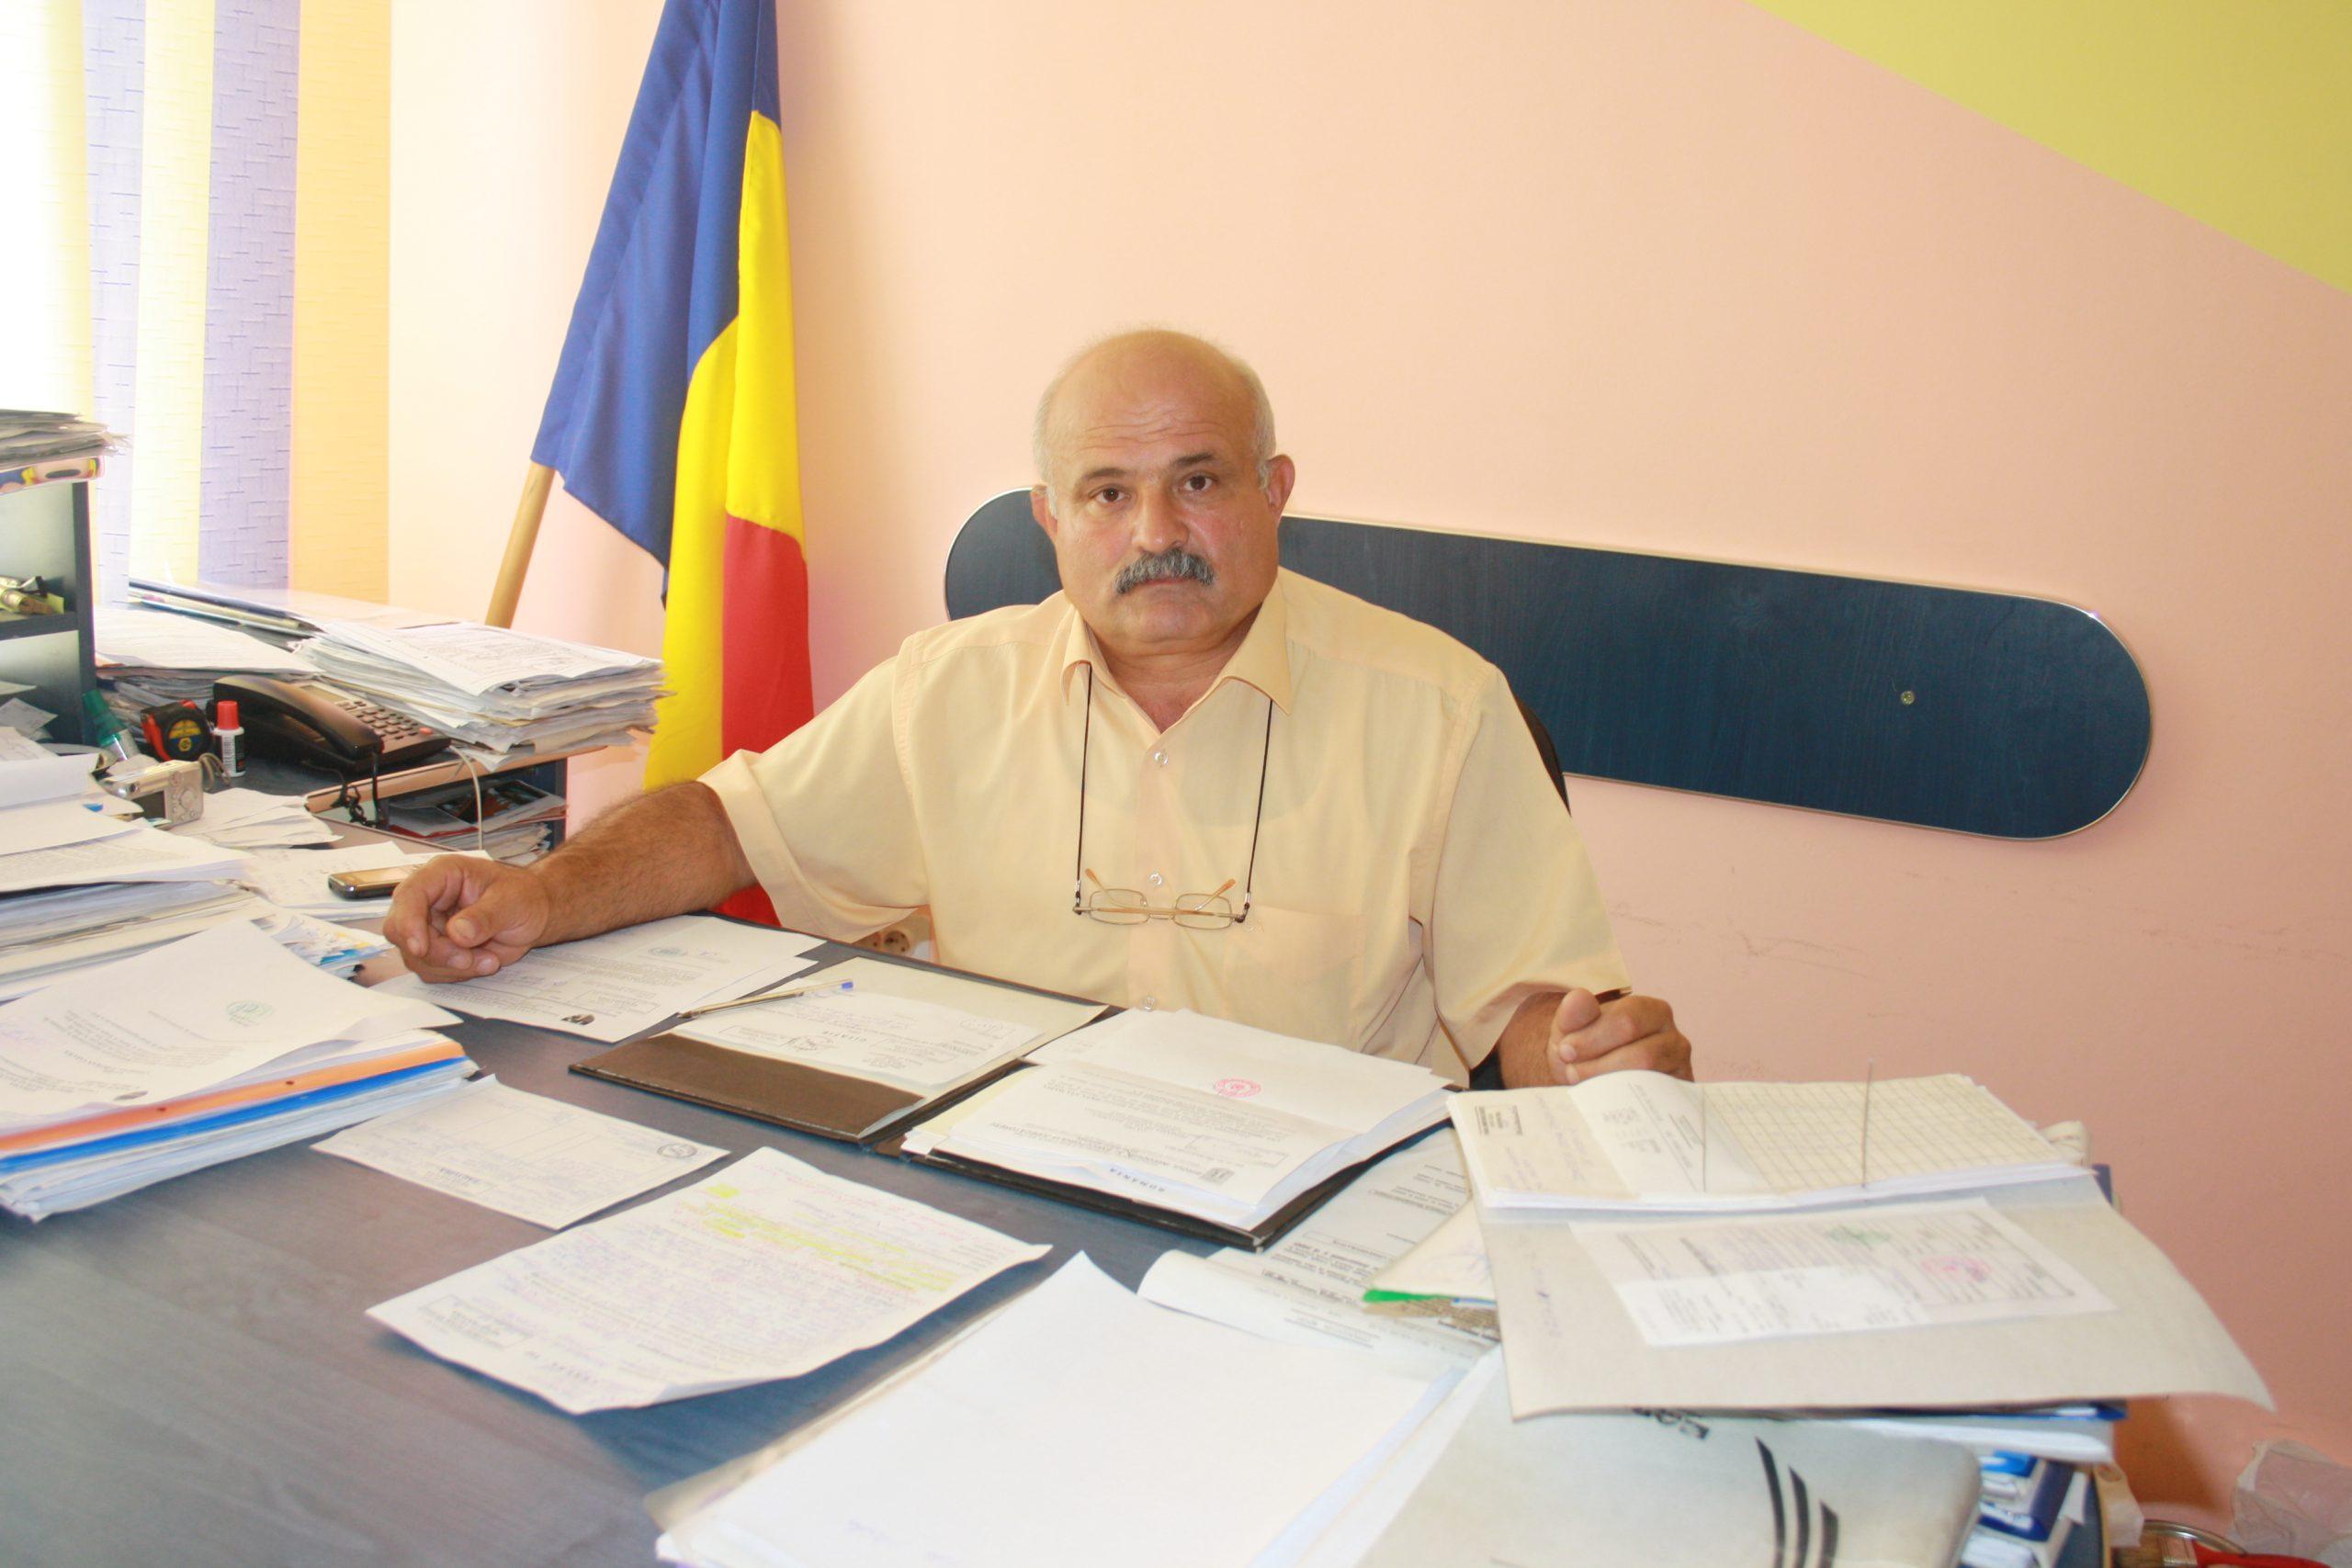 Proiect important demarat la Nicolae Bălcescu